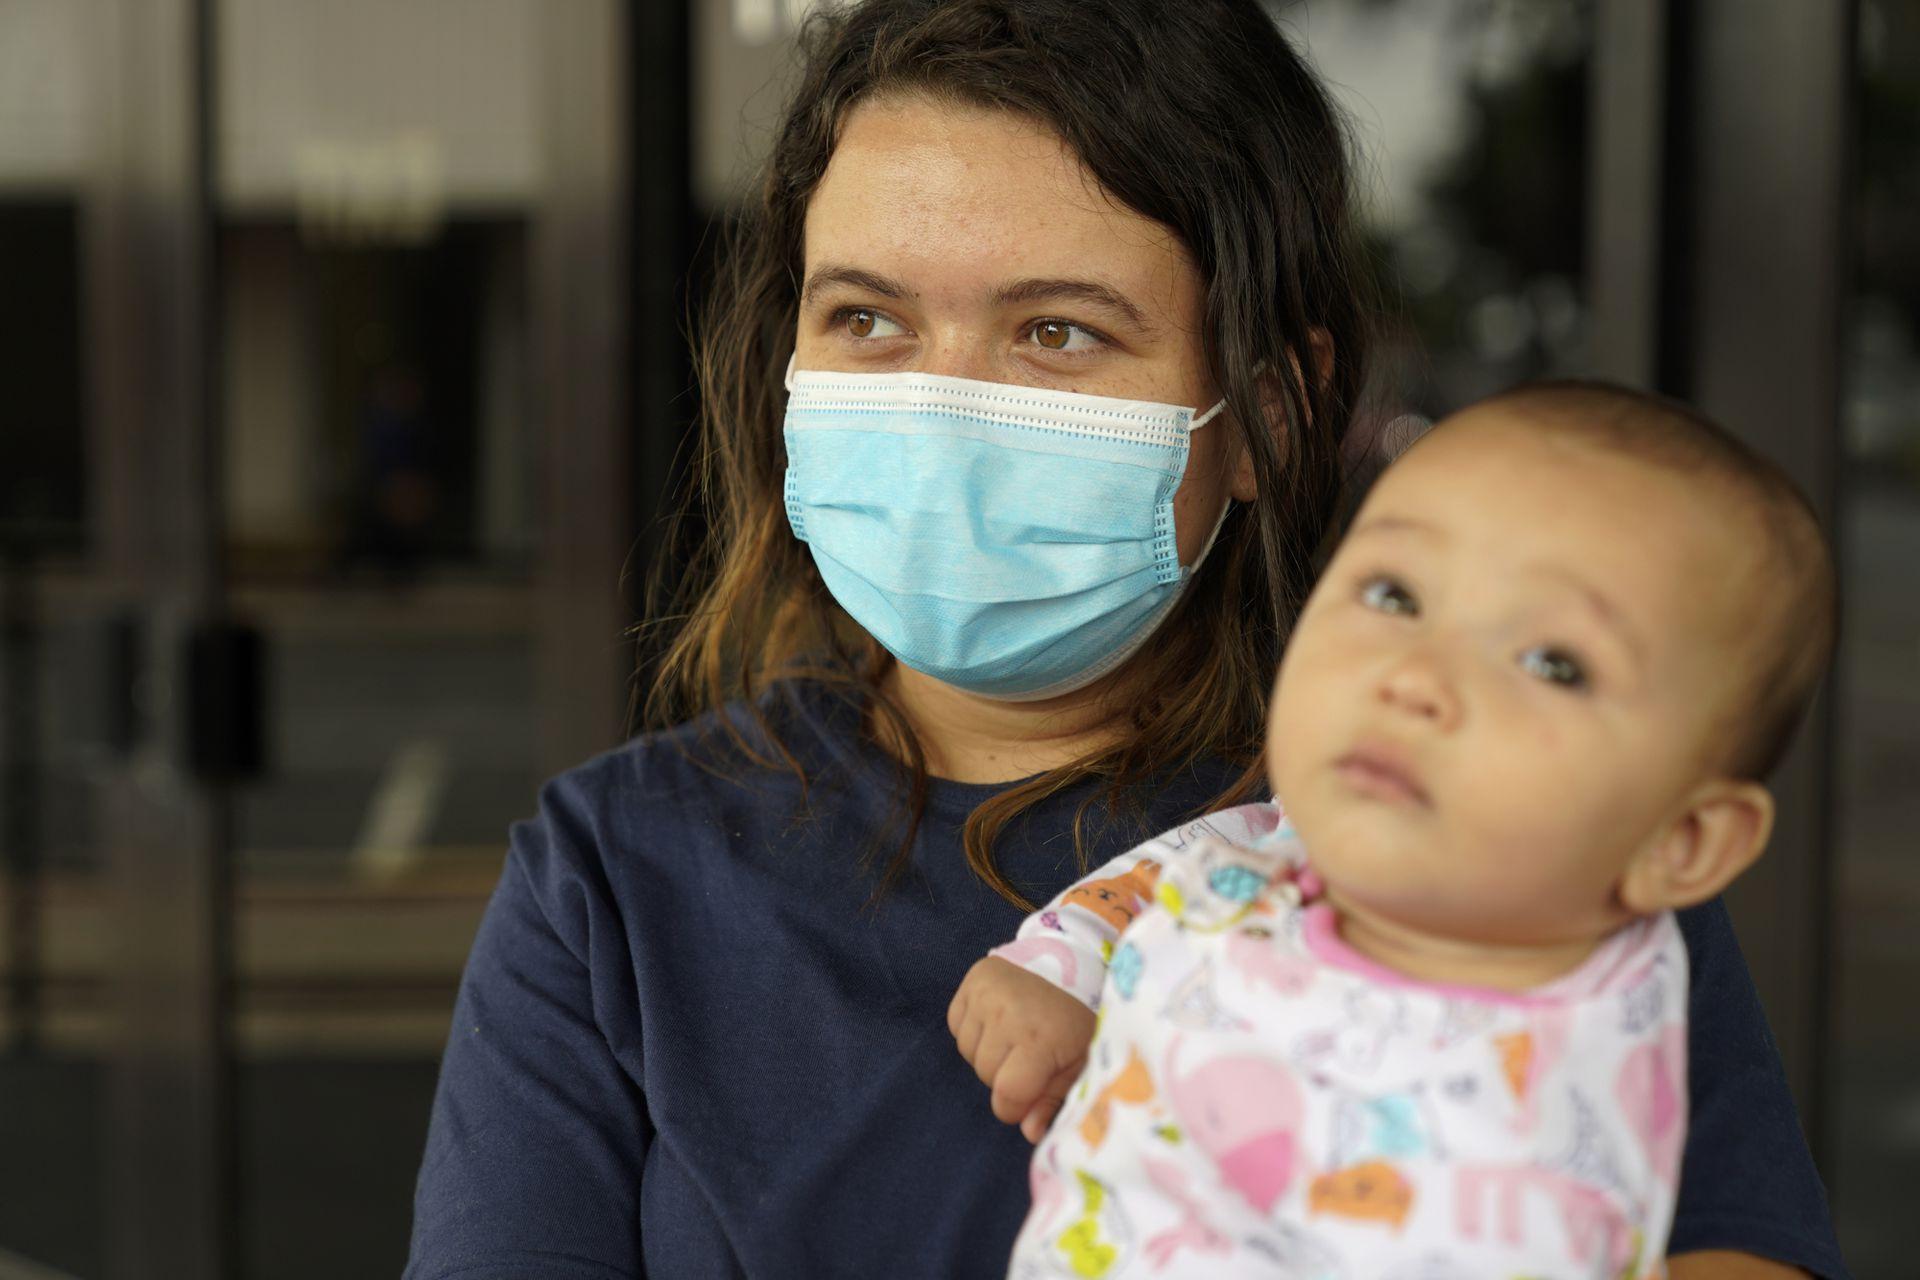 Laura Scalzo, de 20 años, de Honduras, sostiene a su bebé mientras habla en un refugio para migrantes en McAllen, Texas. Scalzo se unió a cientos de personas que viajaban hacia el norte con su bebé de 6 meses y se entregó a los agentes de inmigración que patrullaban una vasta área del sur de Texas